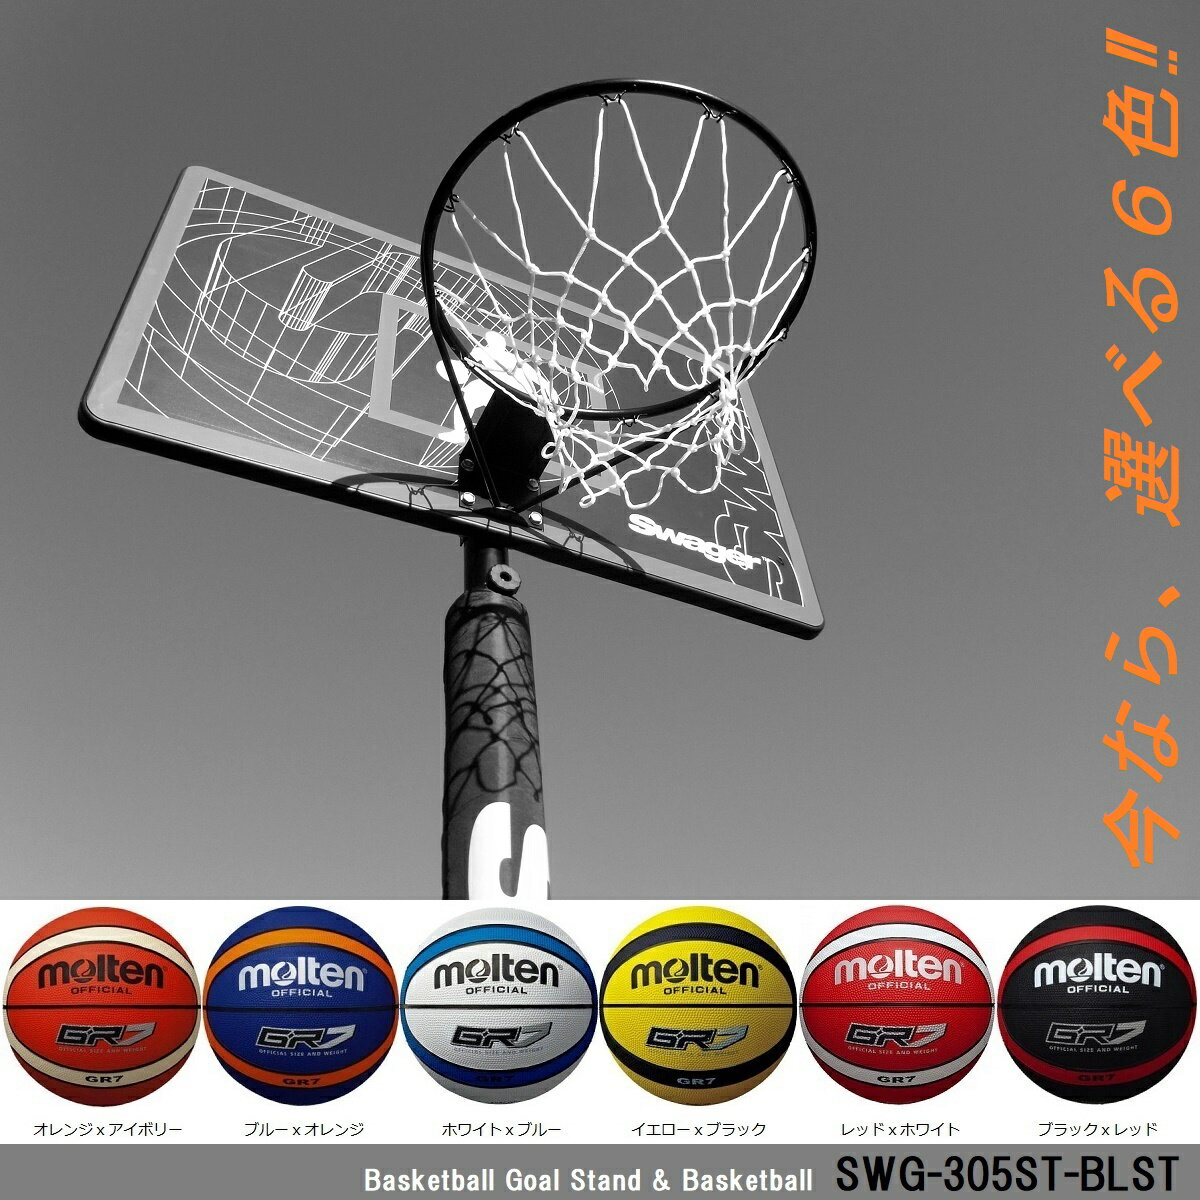 ミニバスから一般まで対応 選べる付属ボール レイアップの練習にも ポールパッドも標準装備【送料無料】SWG-305ST バスケットゴール 屋外 家庭用 バスケットボール ゴール